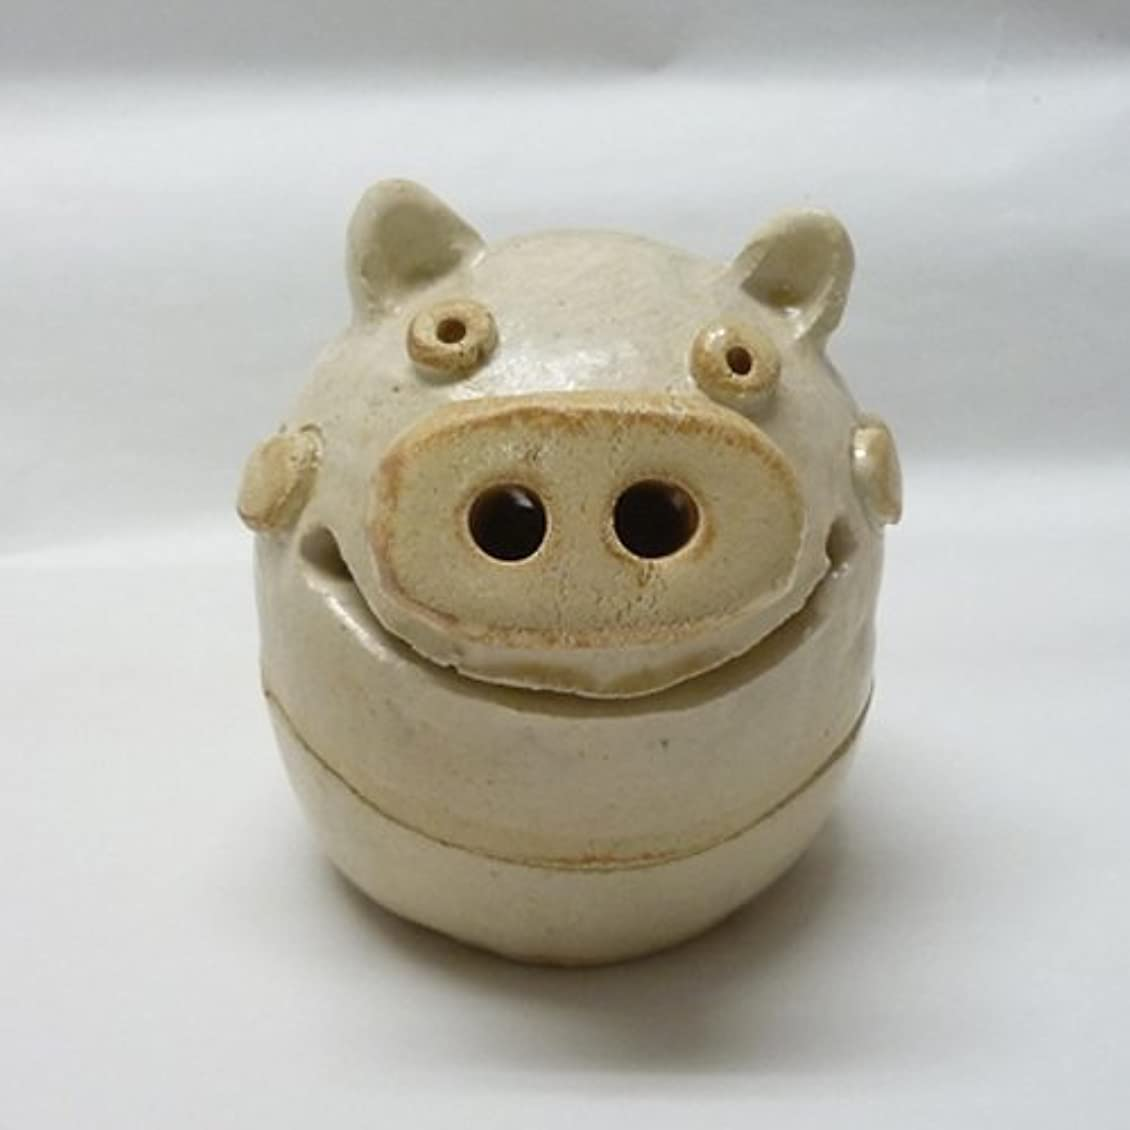 雑多なアクセス腸香炉 ぶた君 香炉(白) [H9cm] HANDMADE プレゼント ギフト 和食器 かわいい インテリア